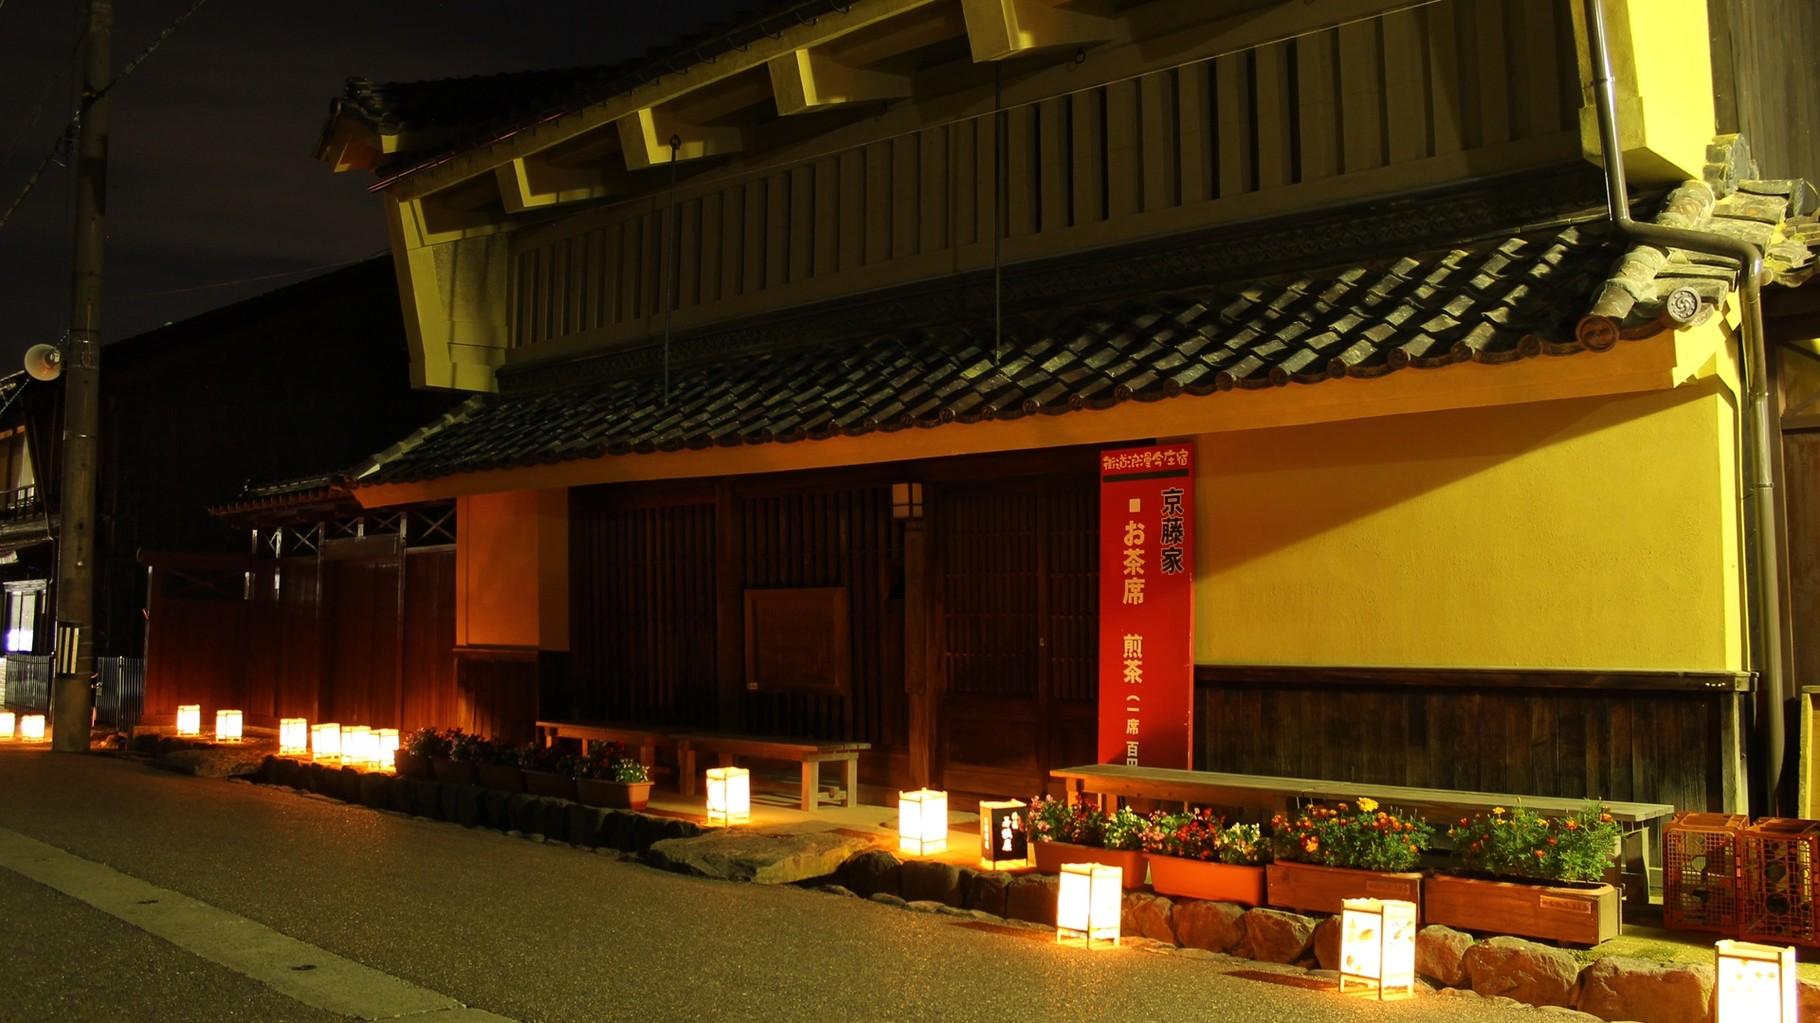 街道浪漫今庄宿前夜の灯篭ライトアップ企画